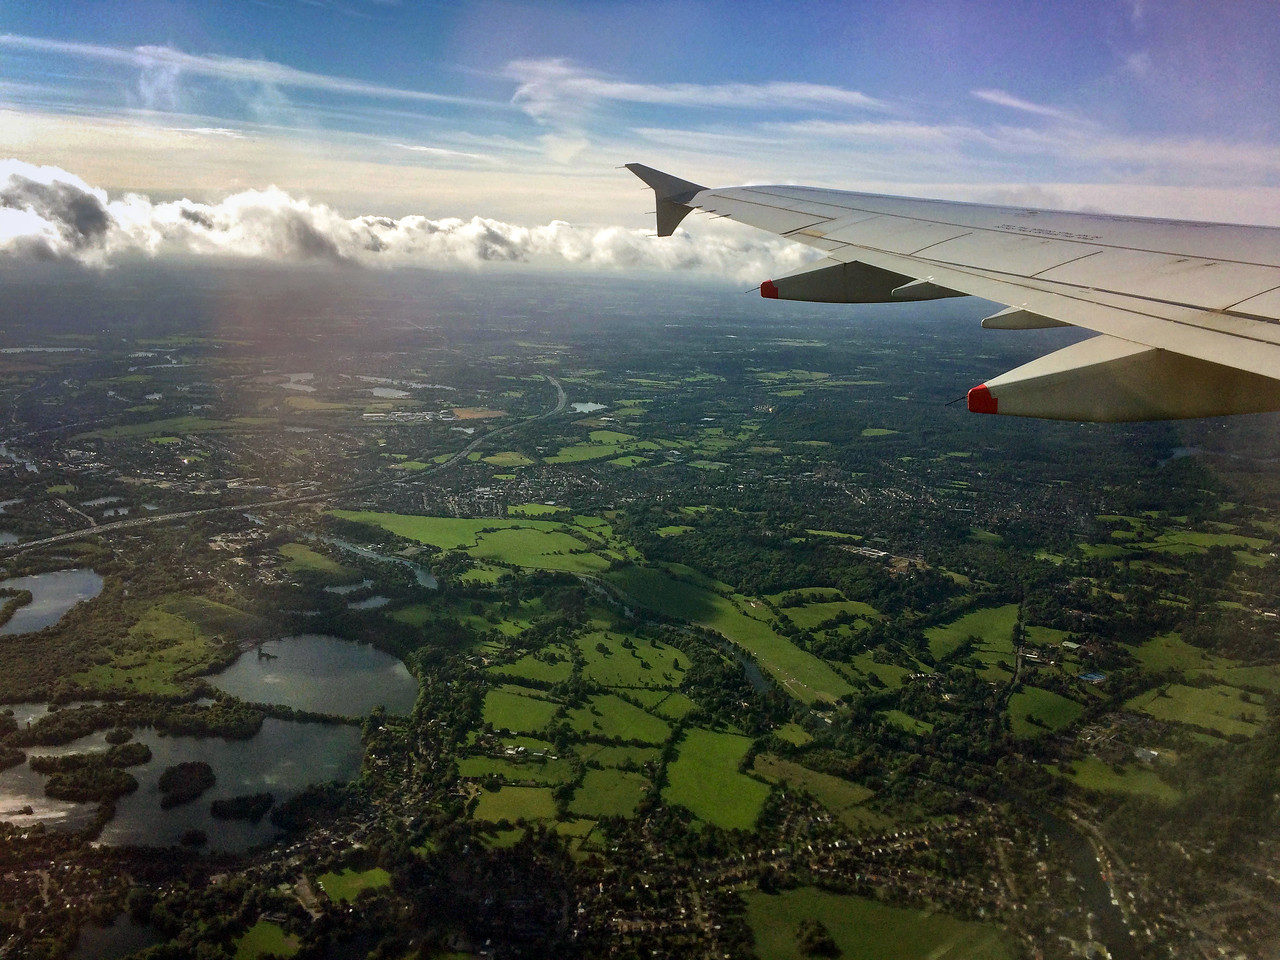 plane_view-0186